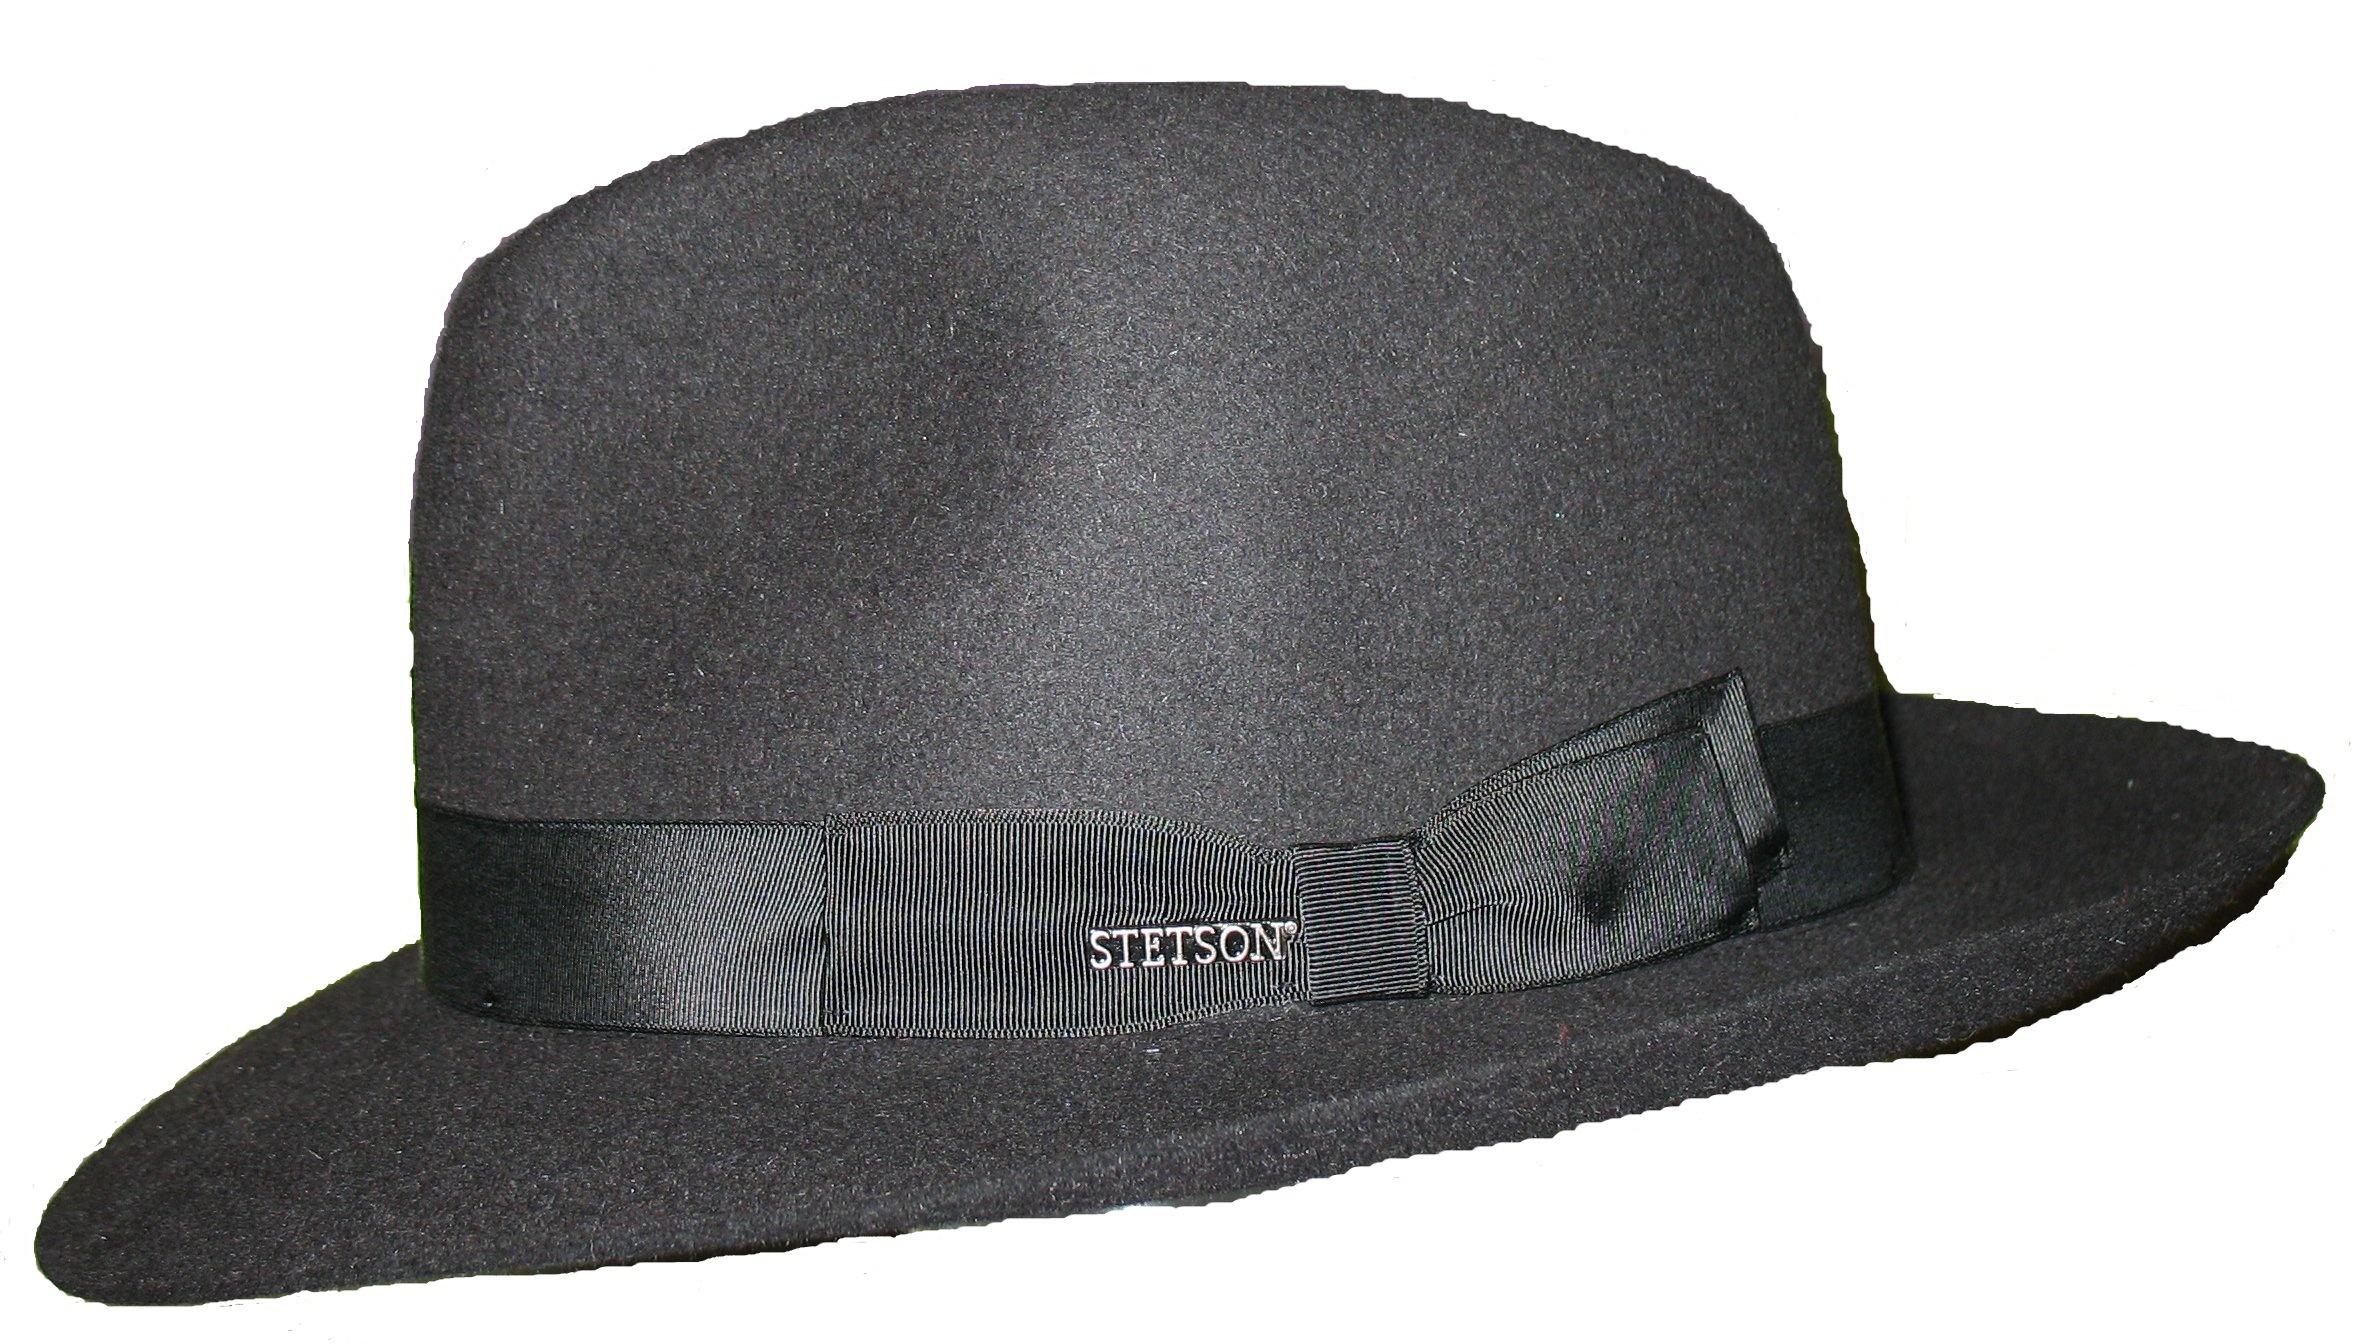 Stetson.jpg English: A Stetson hat (fedora). Norsk bokmål: En Stetsonhatt (type fedora). Source Own work Author Kjetil r